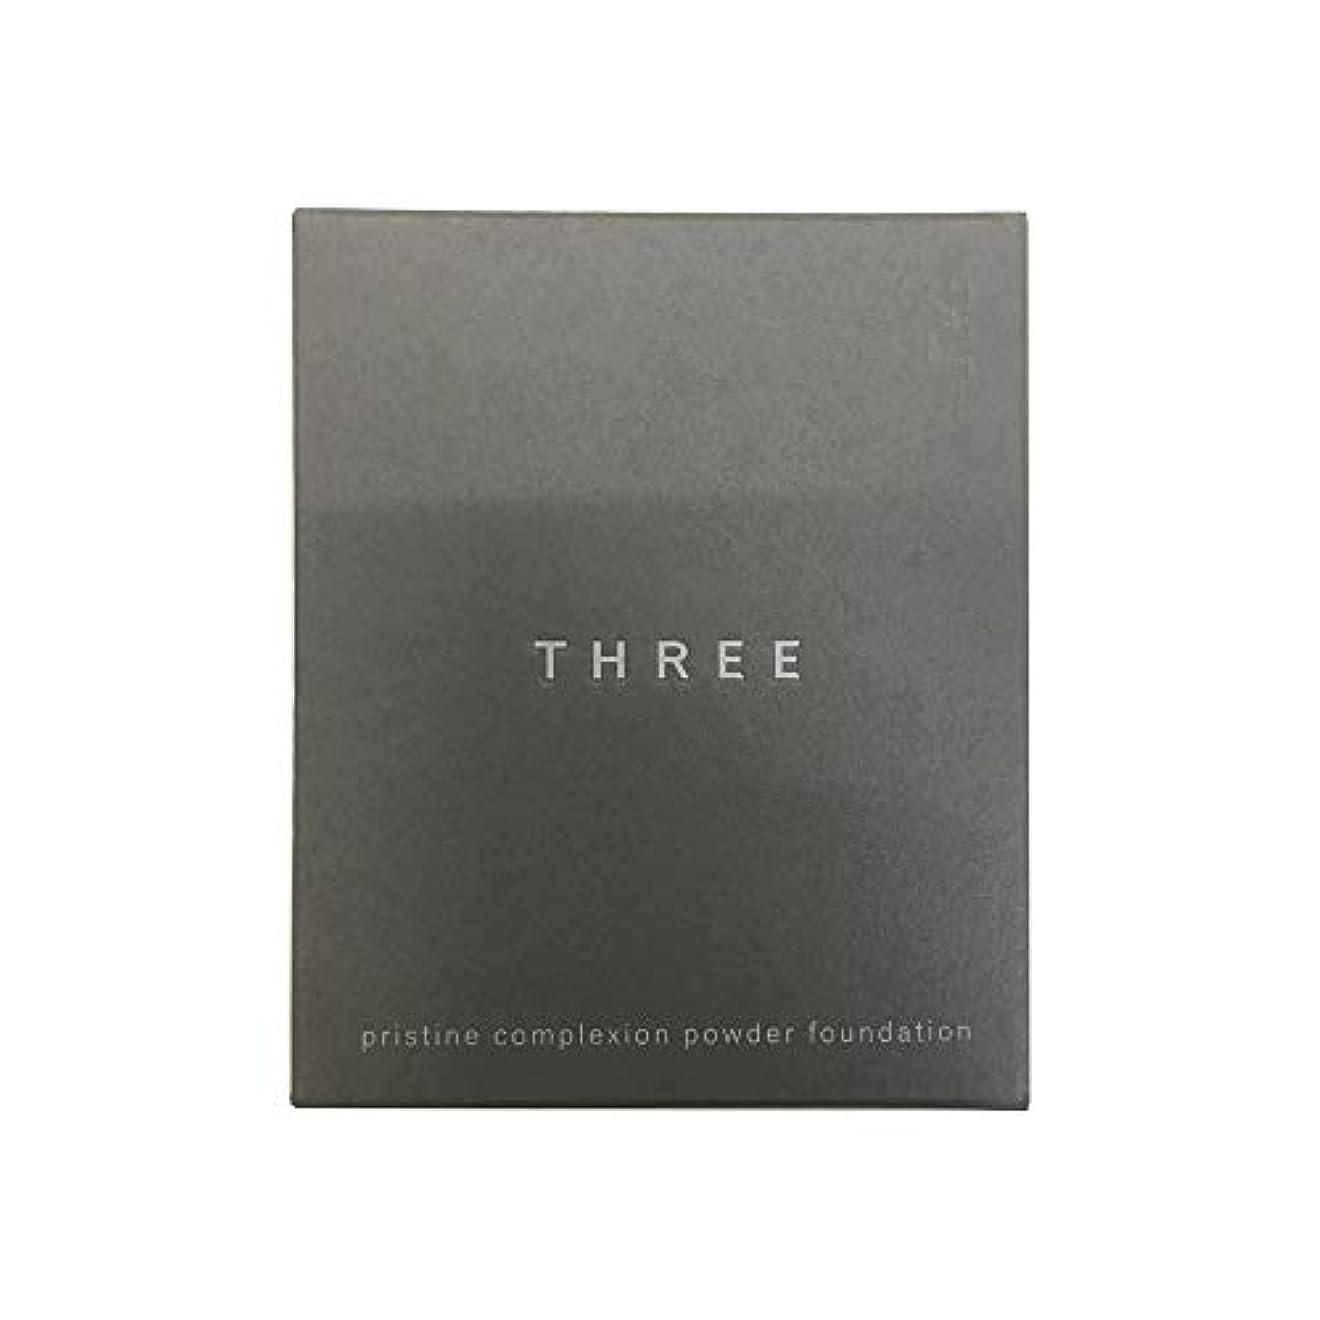 放棄された下位変装THREE(スリー) プリスティーンコンプレクションパウダーファンデーション #101(リフィル) [ パウダーファンデーション ] [並行輸入品]